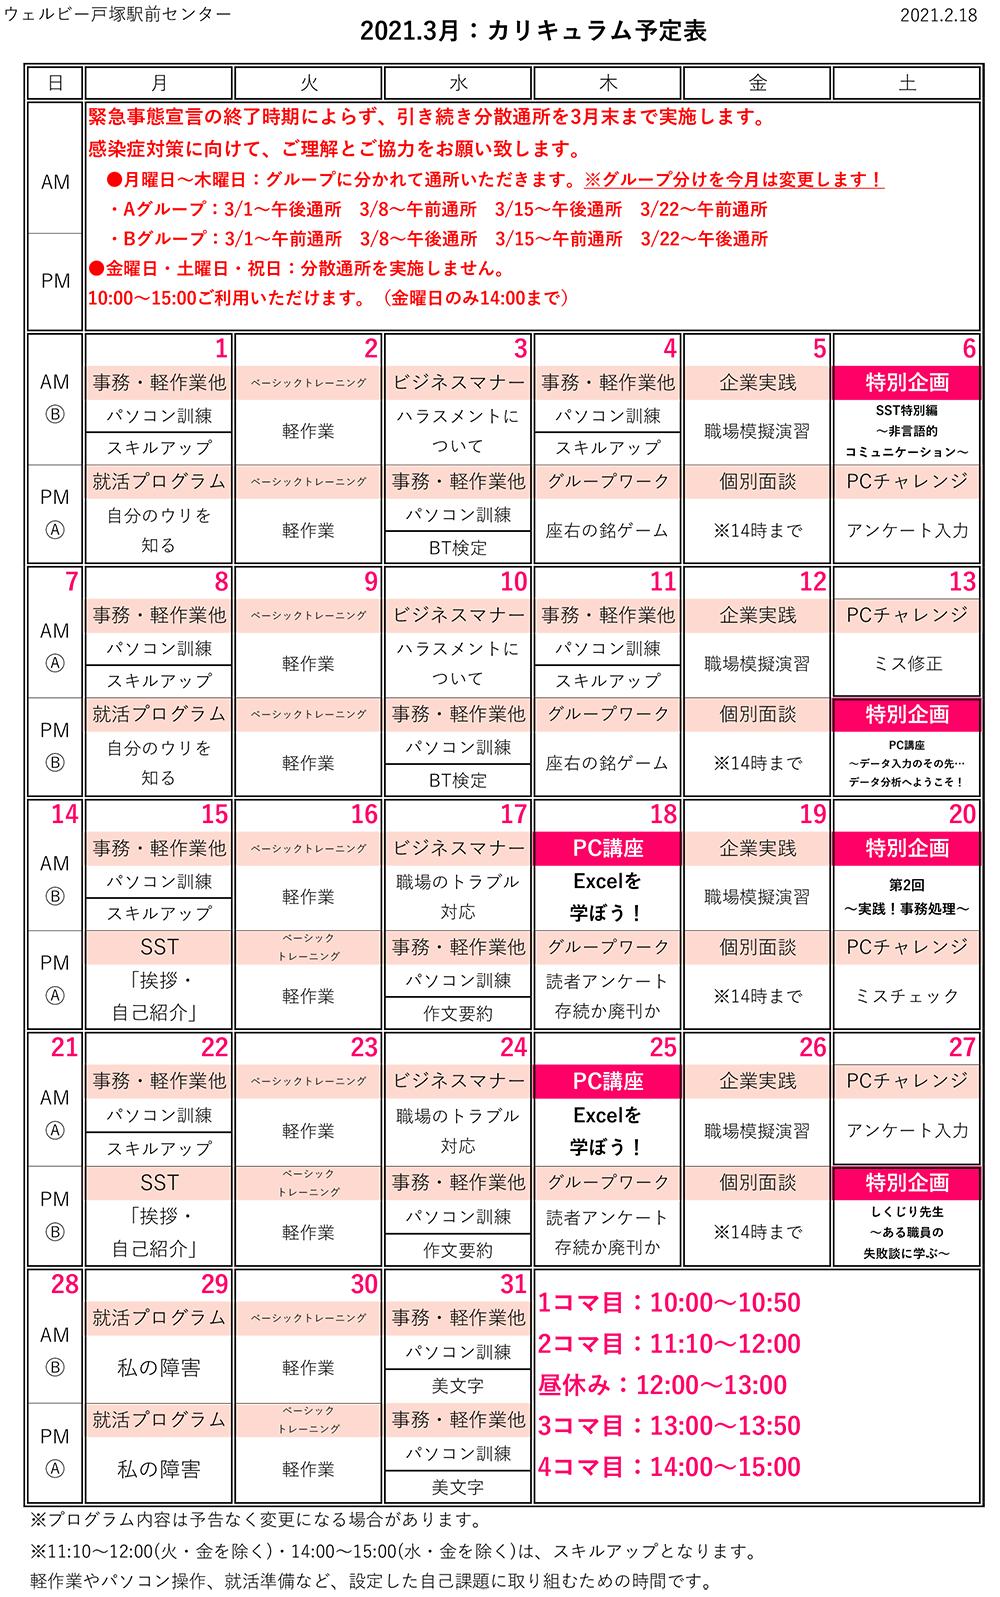 戸塚:カリキュラム表3月